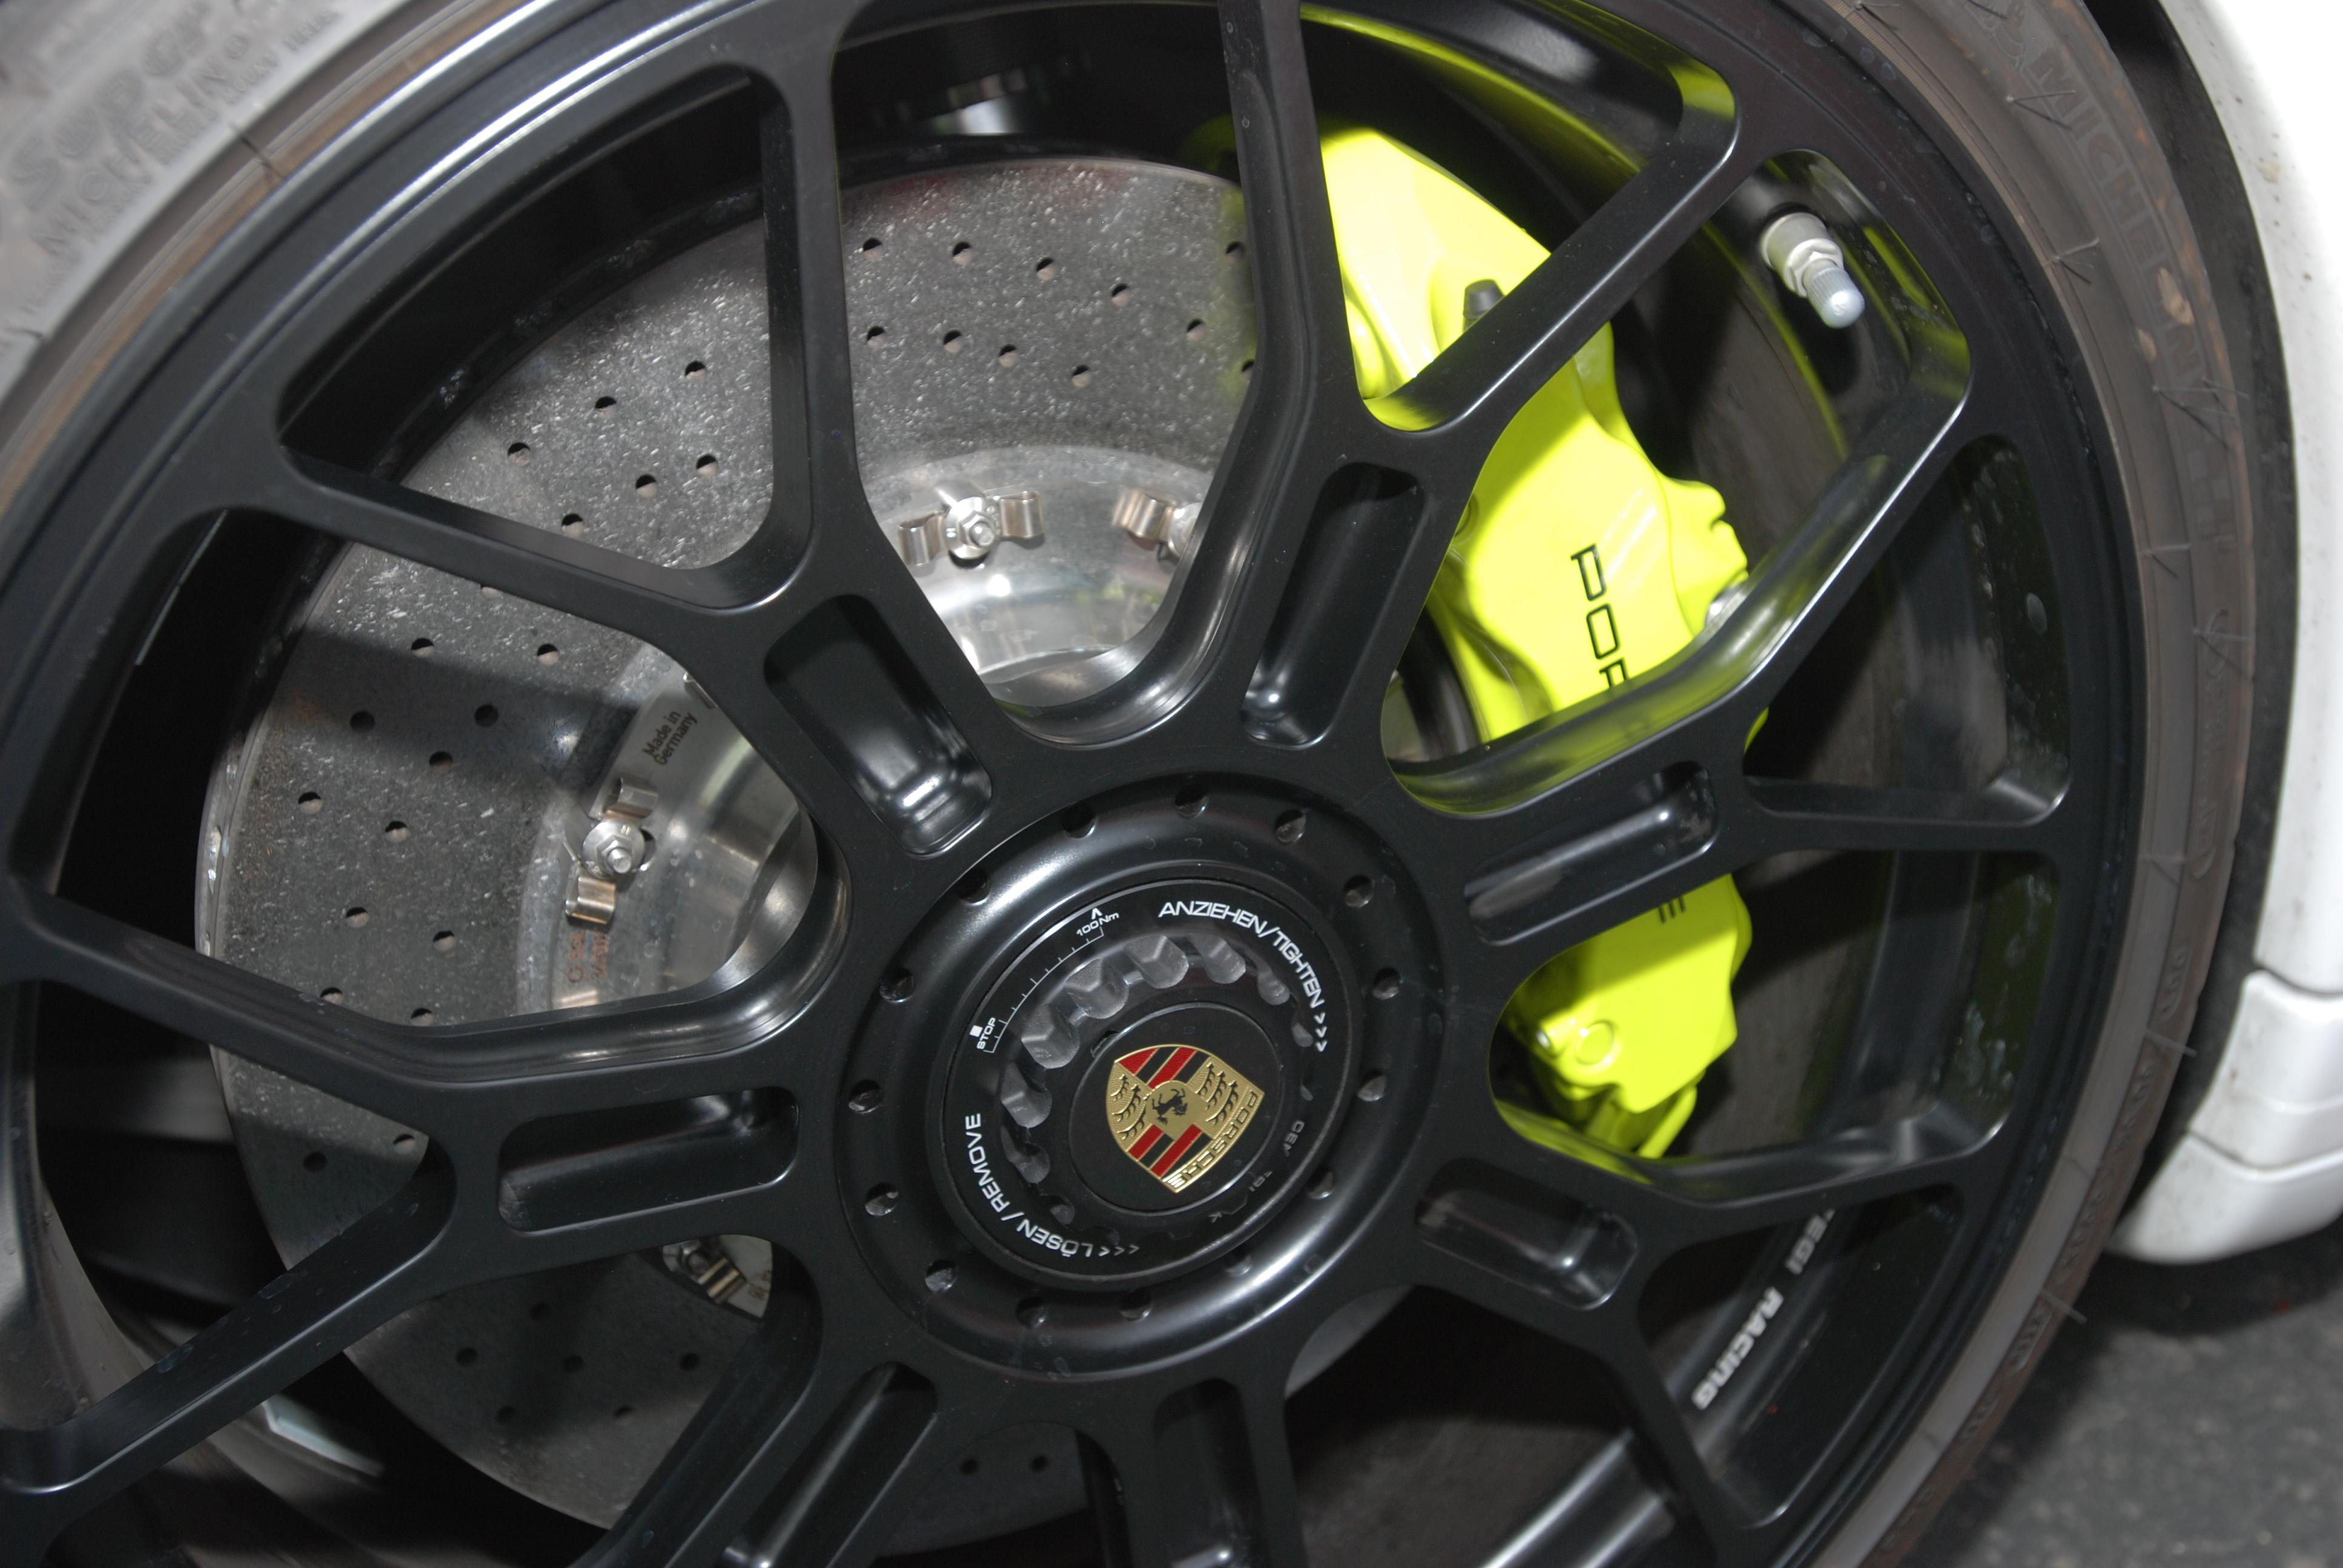 dsc_0126 Gorgeous Porsche 918 Spyder Acid Green Cars Trend